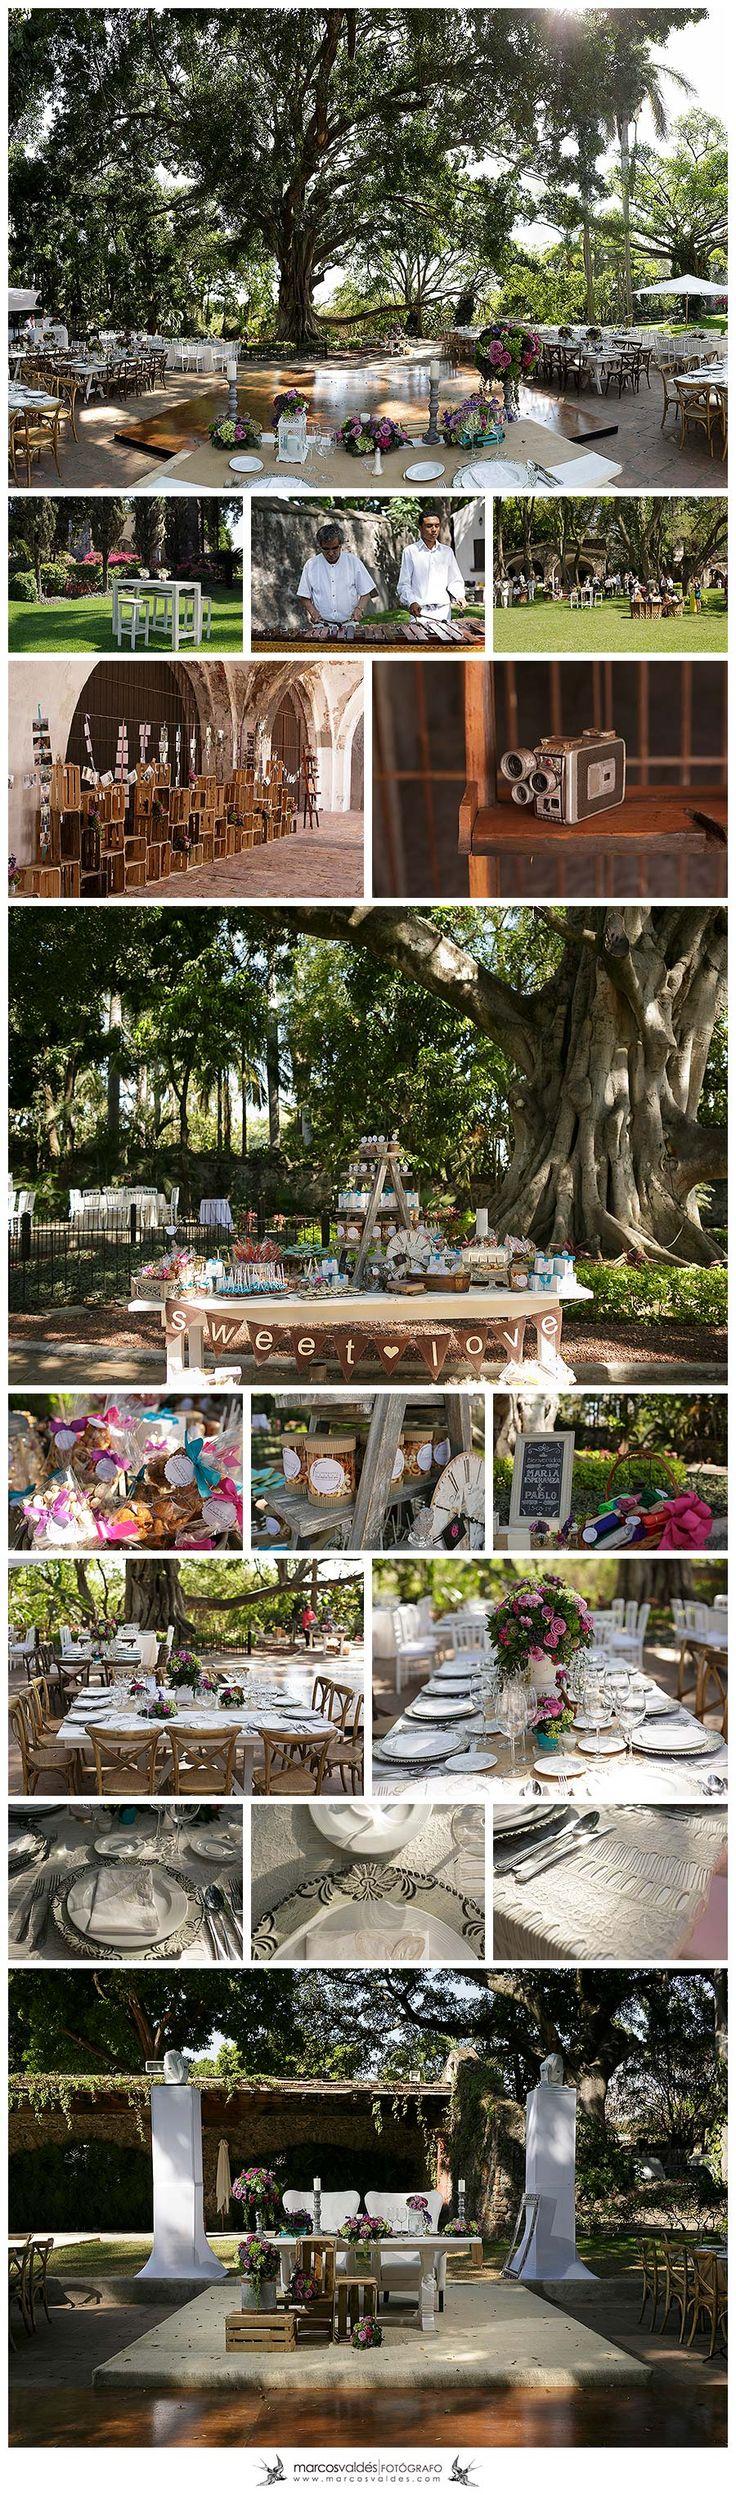 María+Pablo, Boda en Hacienda Chiconcuac, Morelos // mexican lifestyle, wedding and commercial portrait photographer* marcosvaldés|FOTÓGRAFO® fotógrafo de estilo de vida y bodas, México http://www.marcosvaldes.com/blog